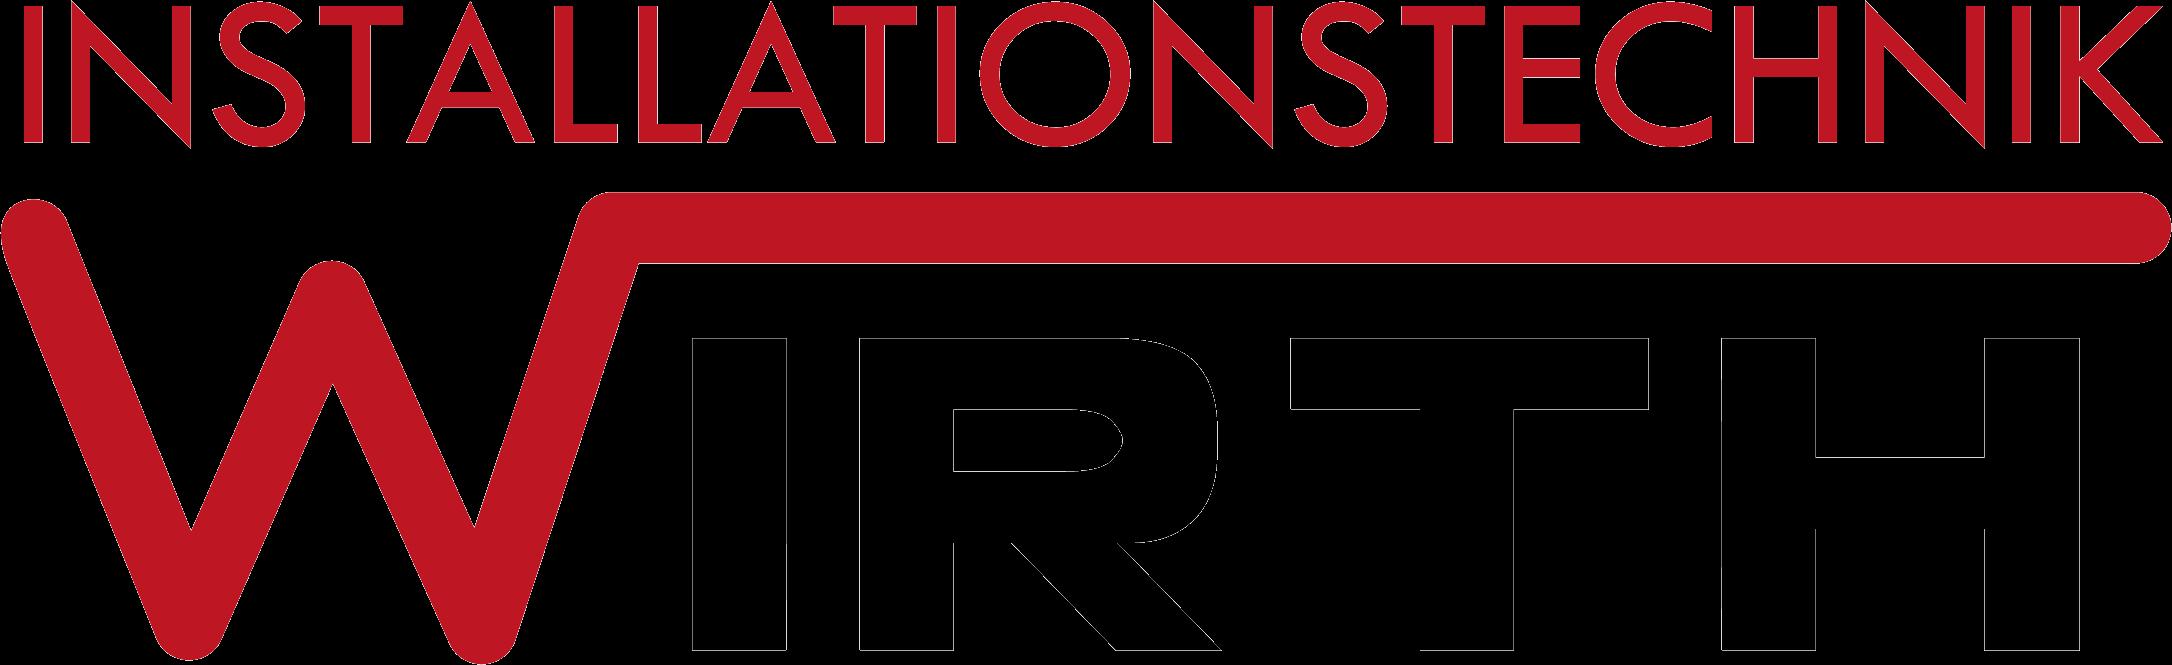 Installationstechnik Wirth Schardenberg | Wirth Franz Installationstechnik - Ihr Installateur in Schardenberg, Heizung, Sanitär, Bäder, Sanierungen, Zentralstaubsauger, Solaranlage, Wärmepumpe, Hackgut